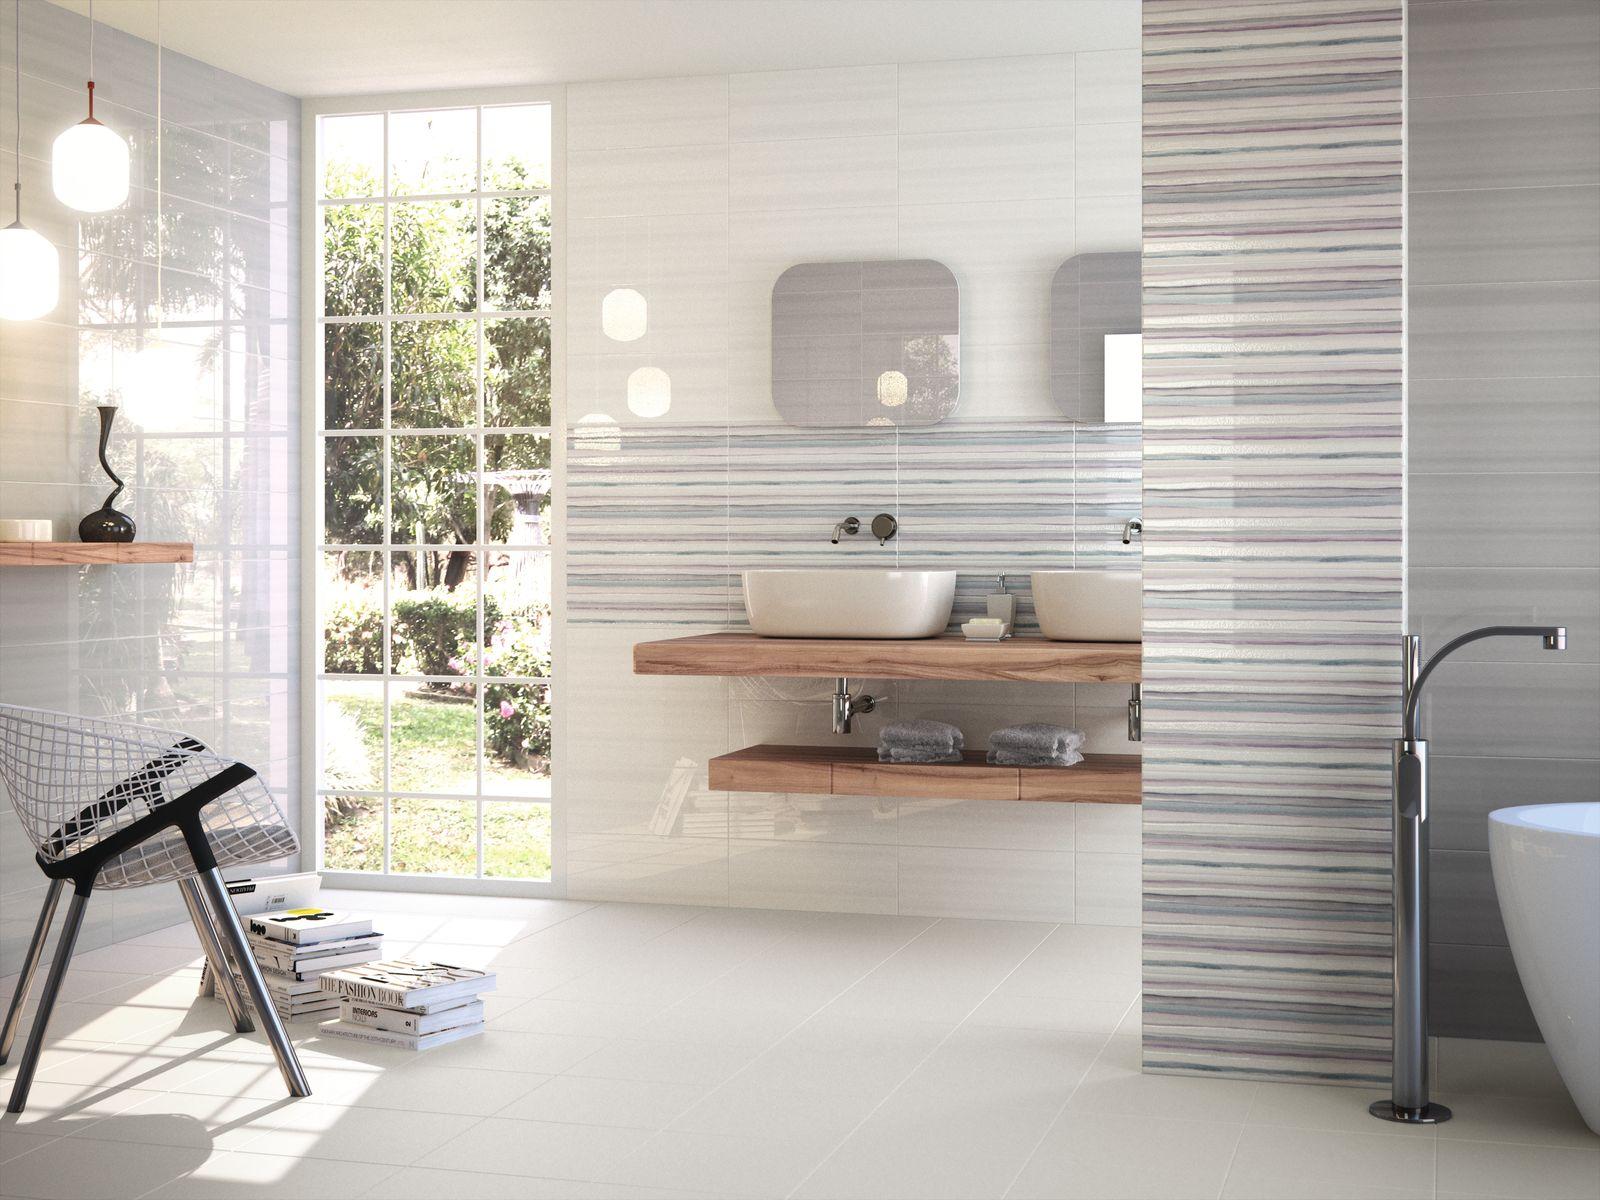 Ape ceramica breeze - Carrelage chocolat salle de bain ...